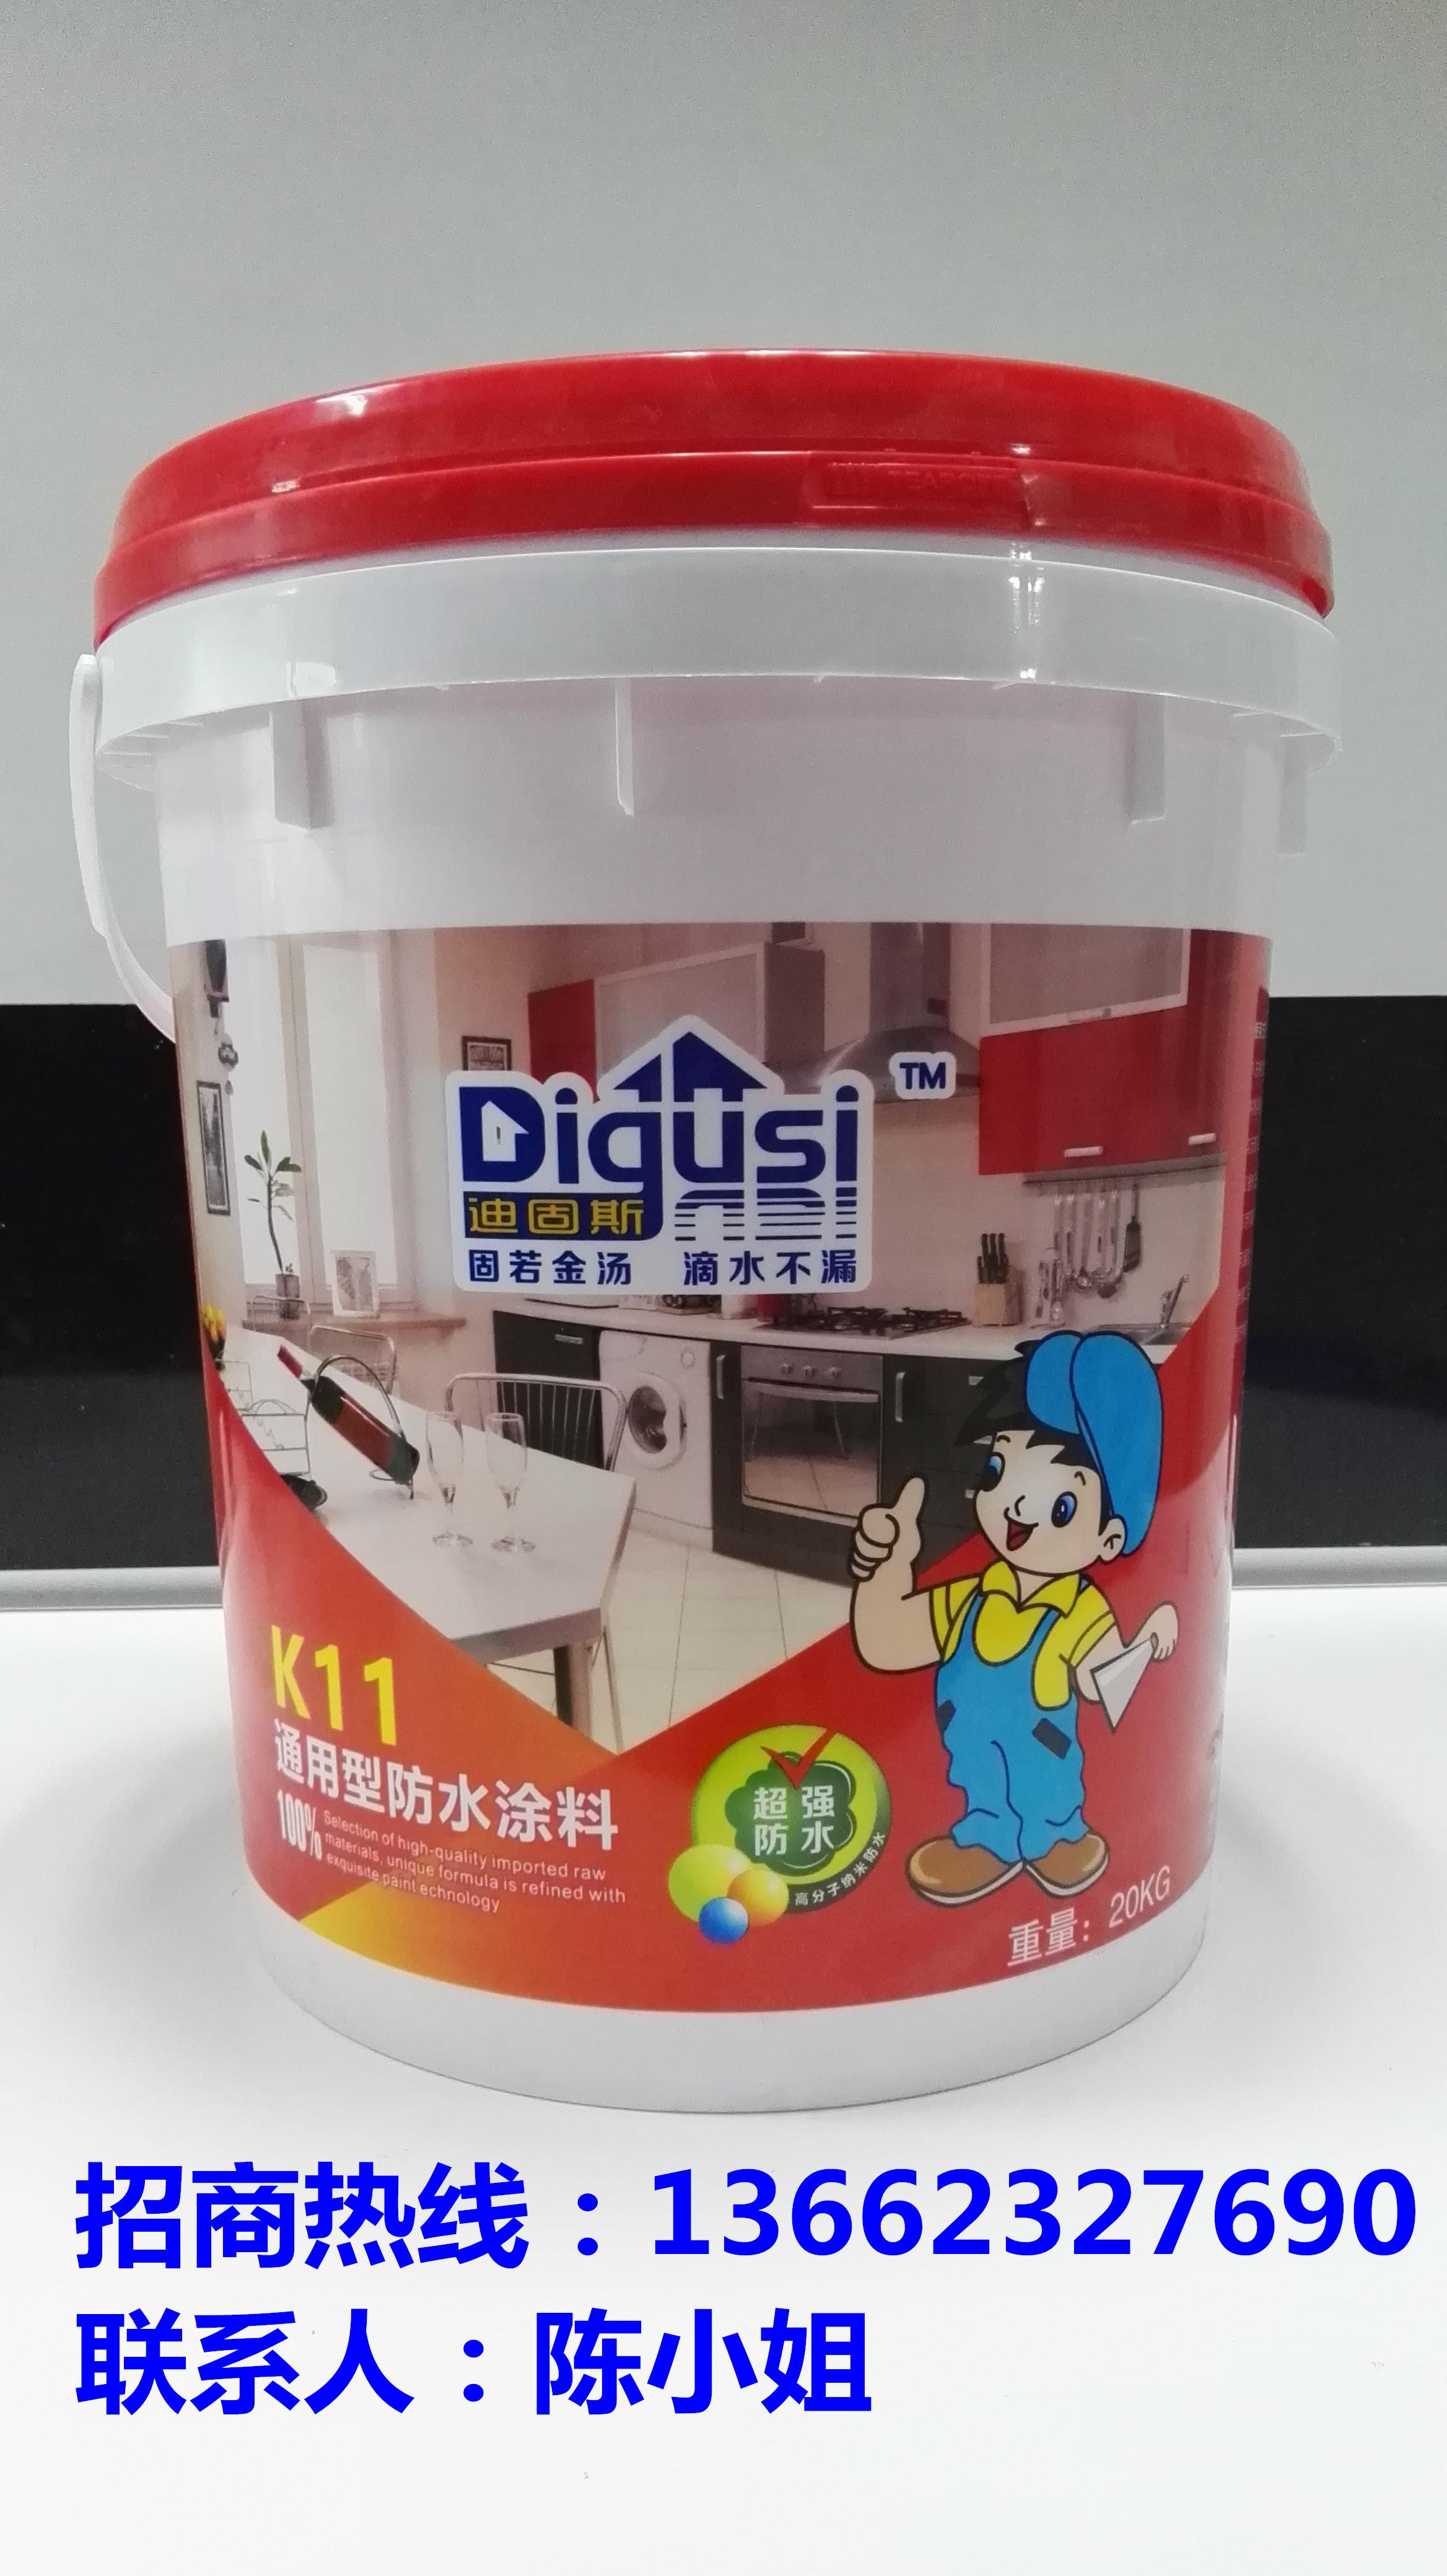 强力瓷砖粘结剂生产厂家   批发价格